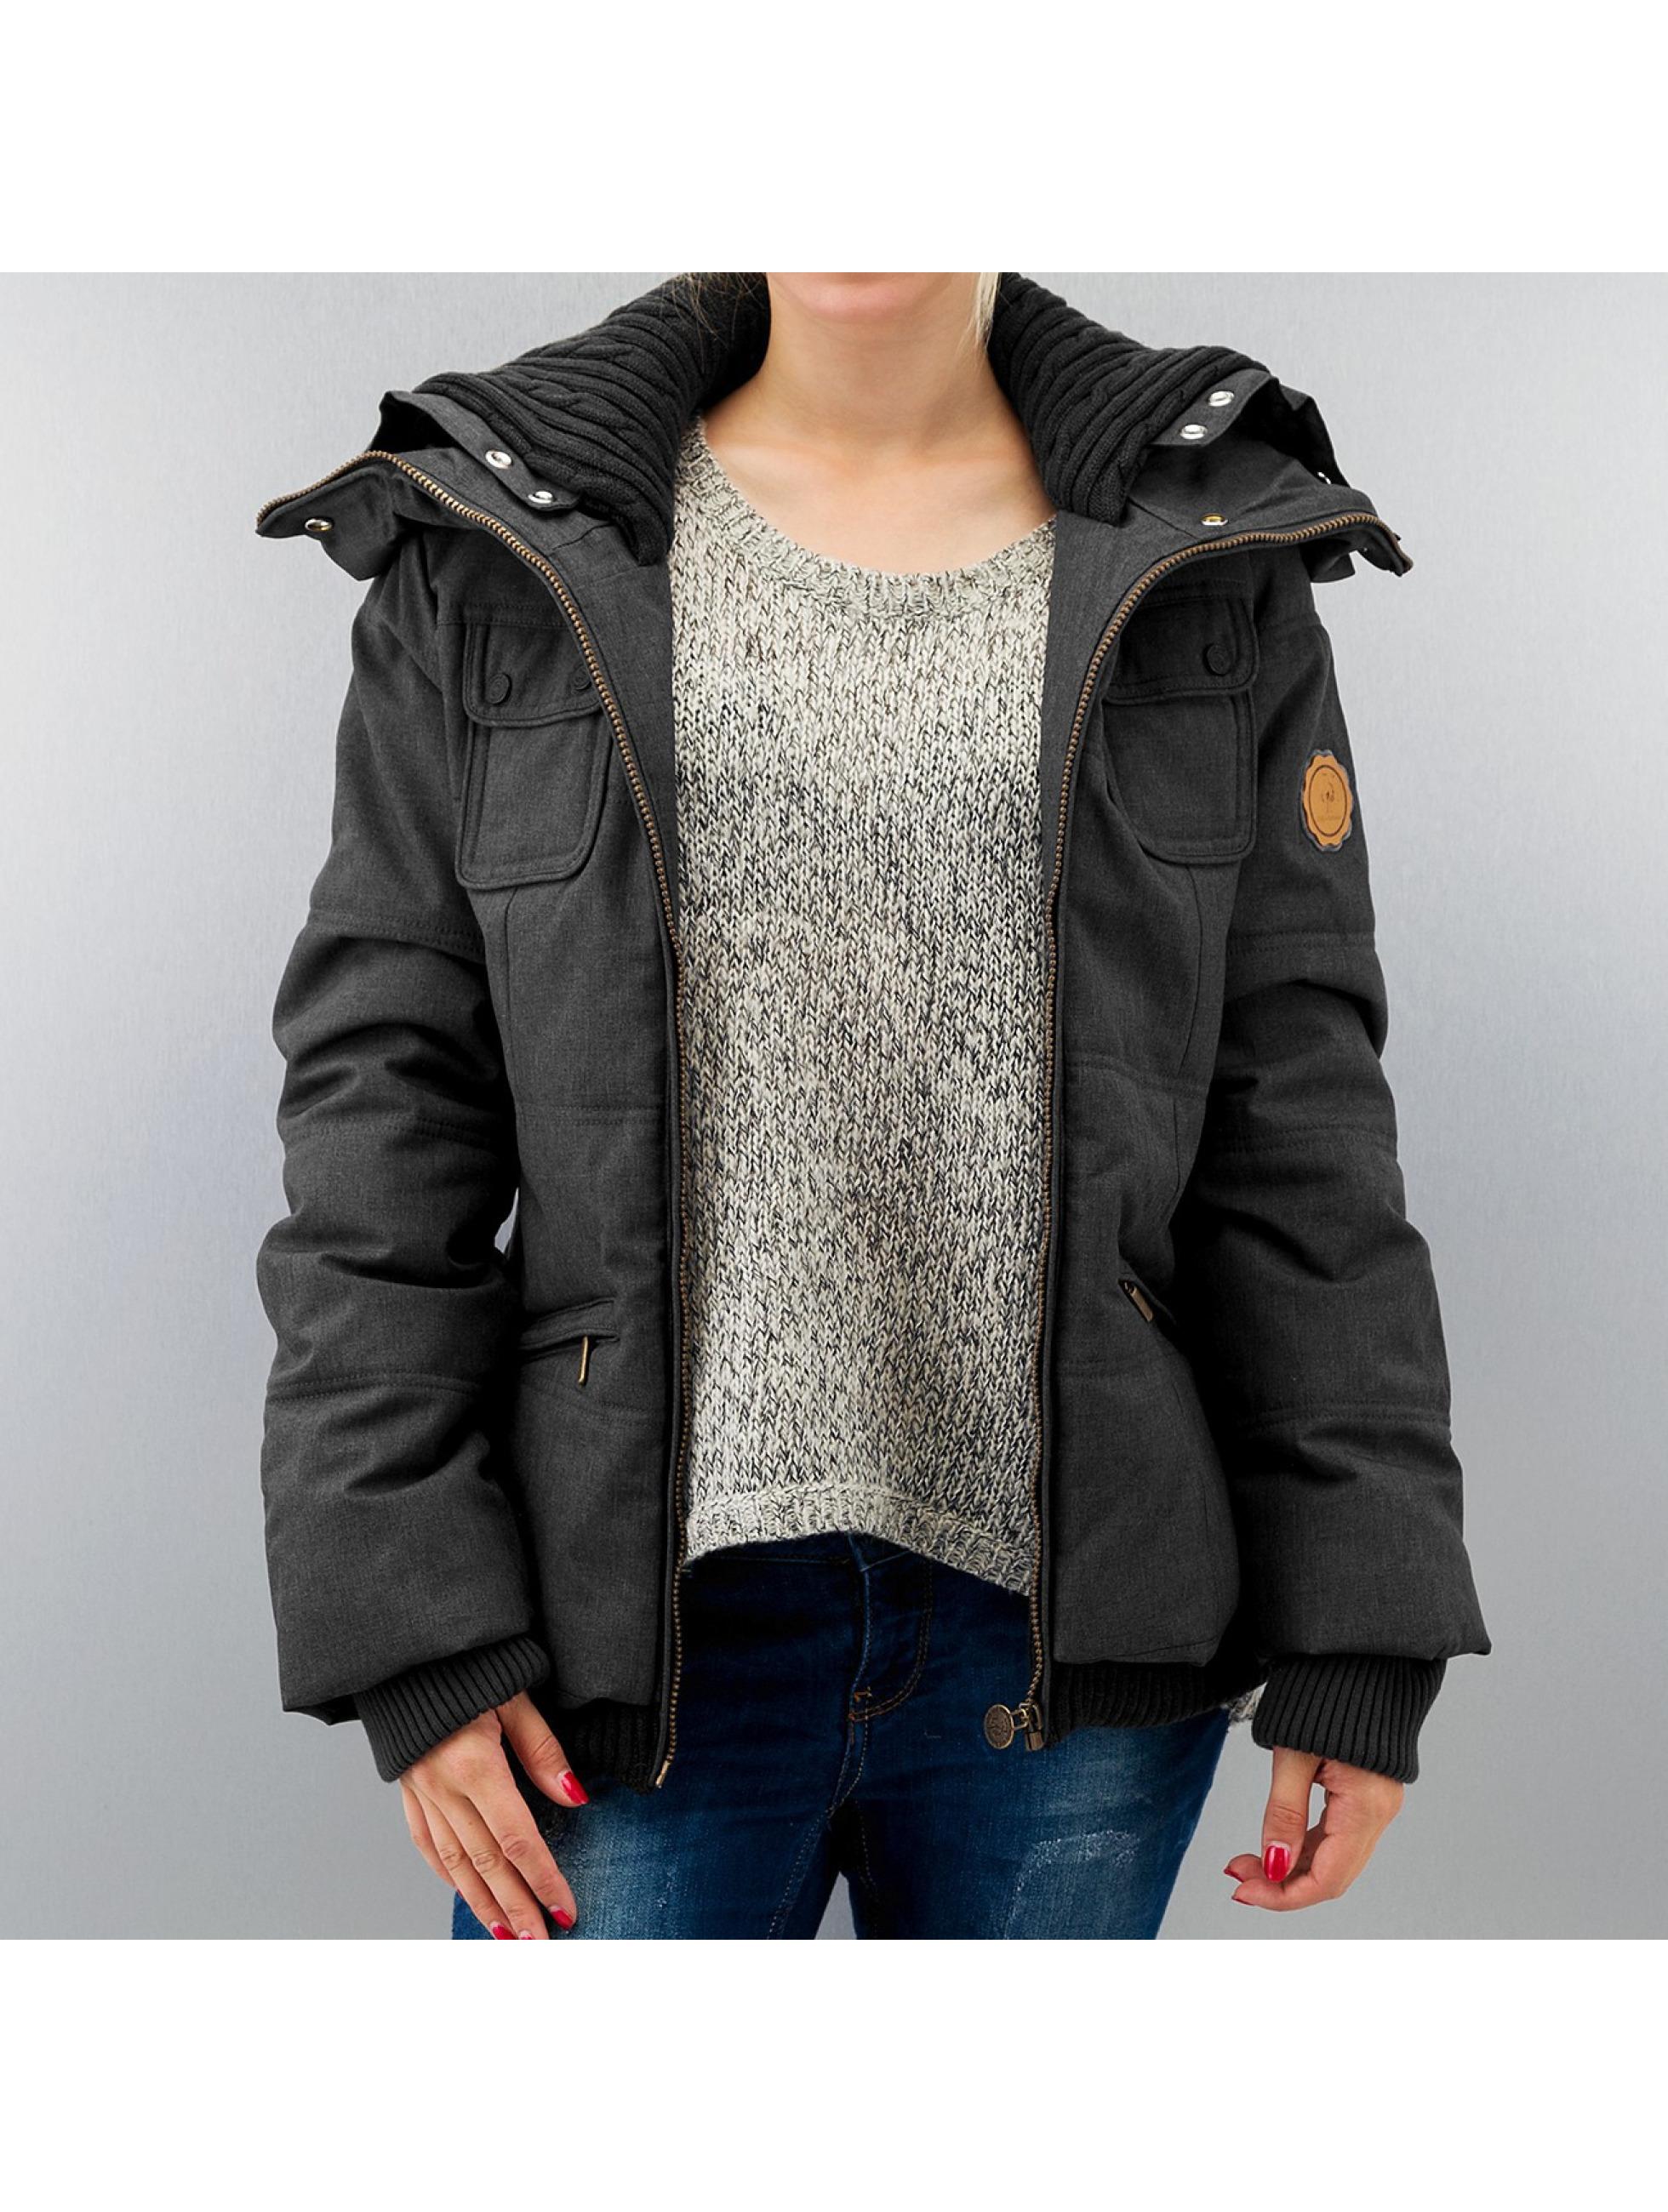 Alife & Famous Frauen Winterjacke Nelli in schwarz